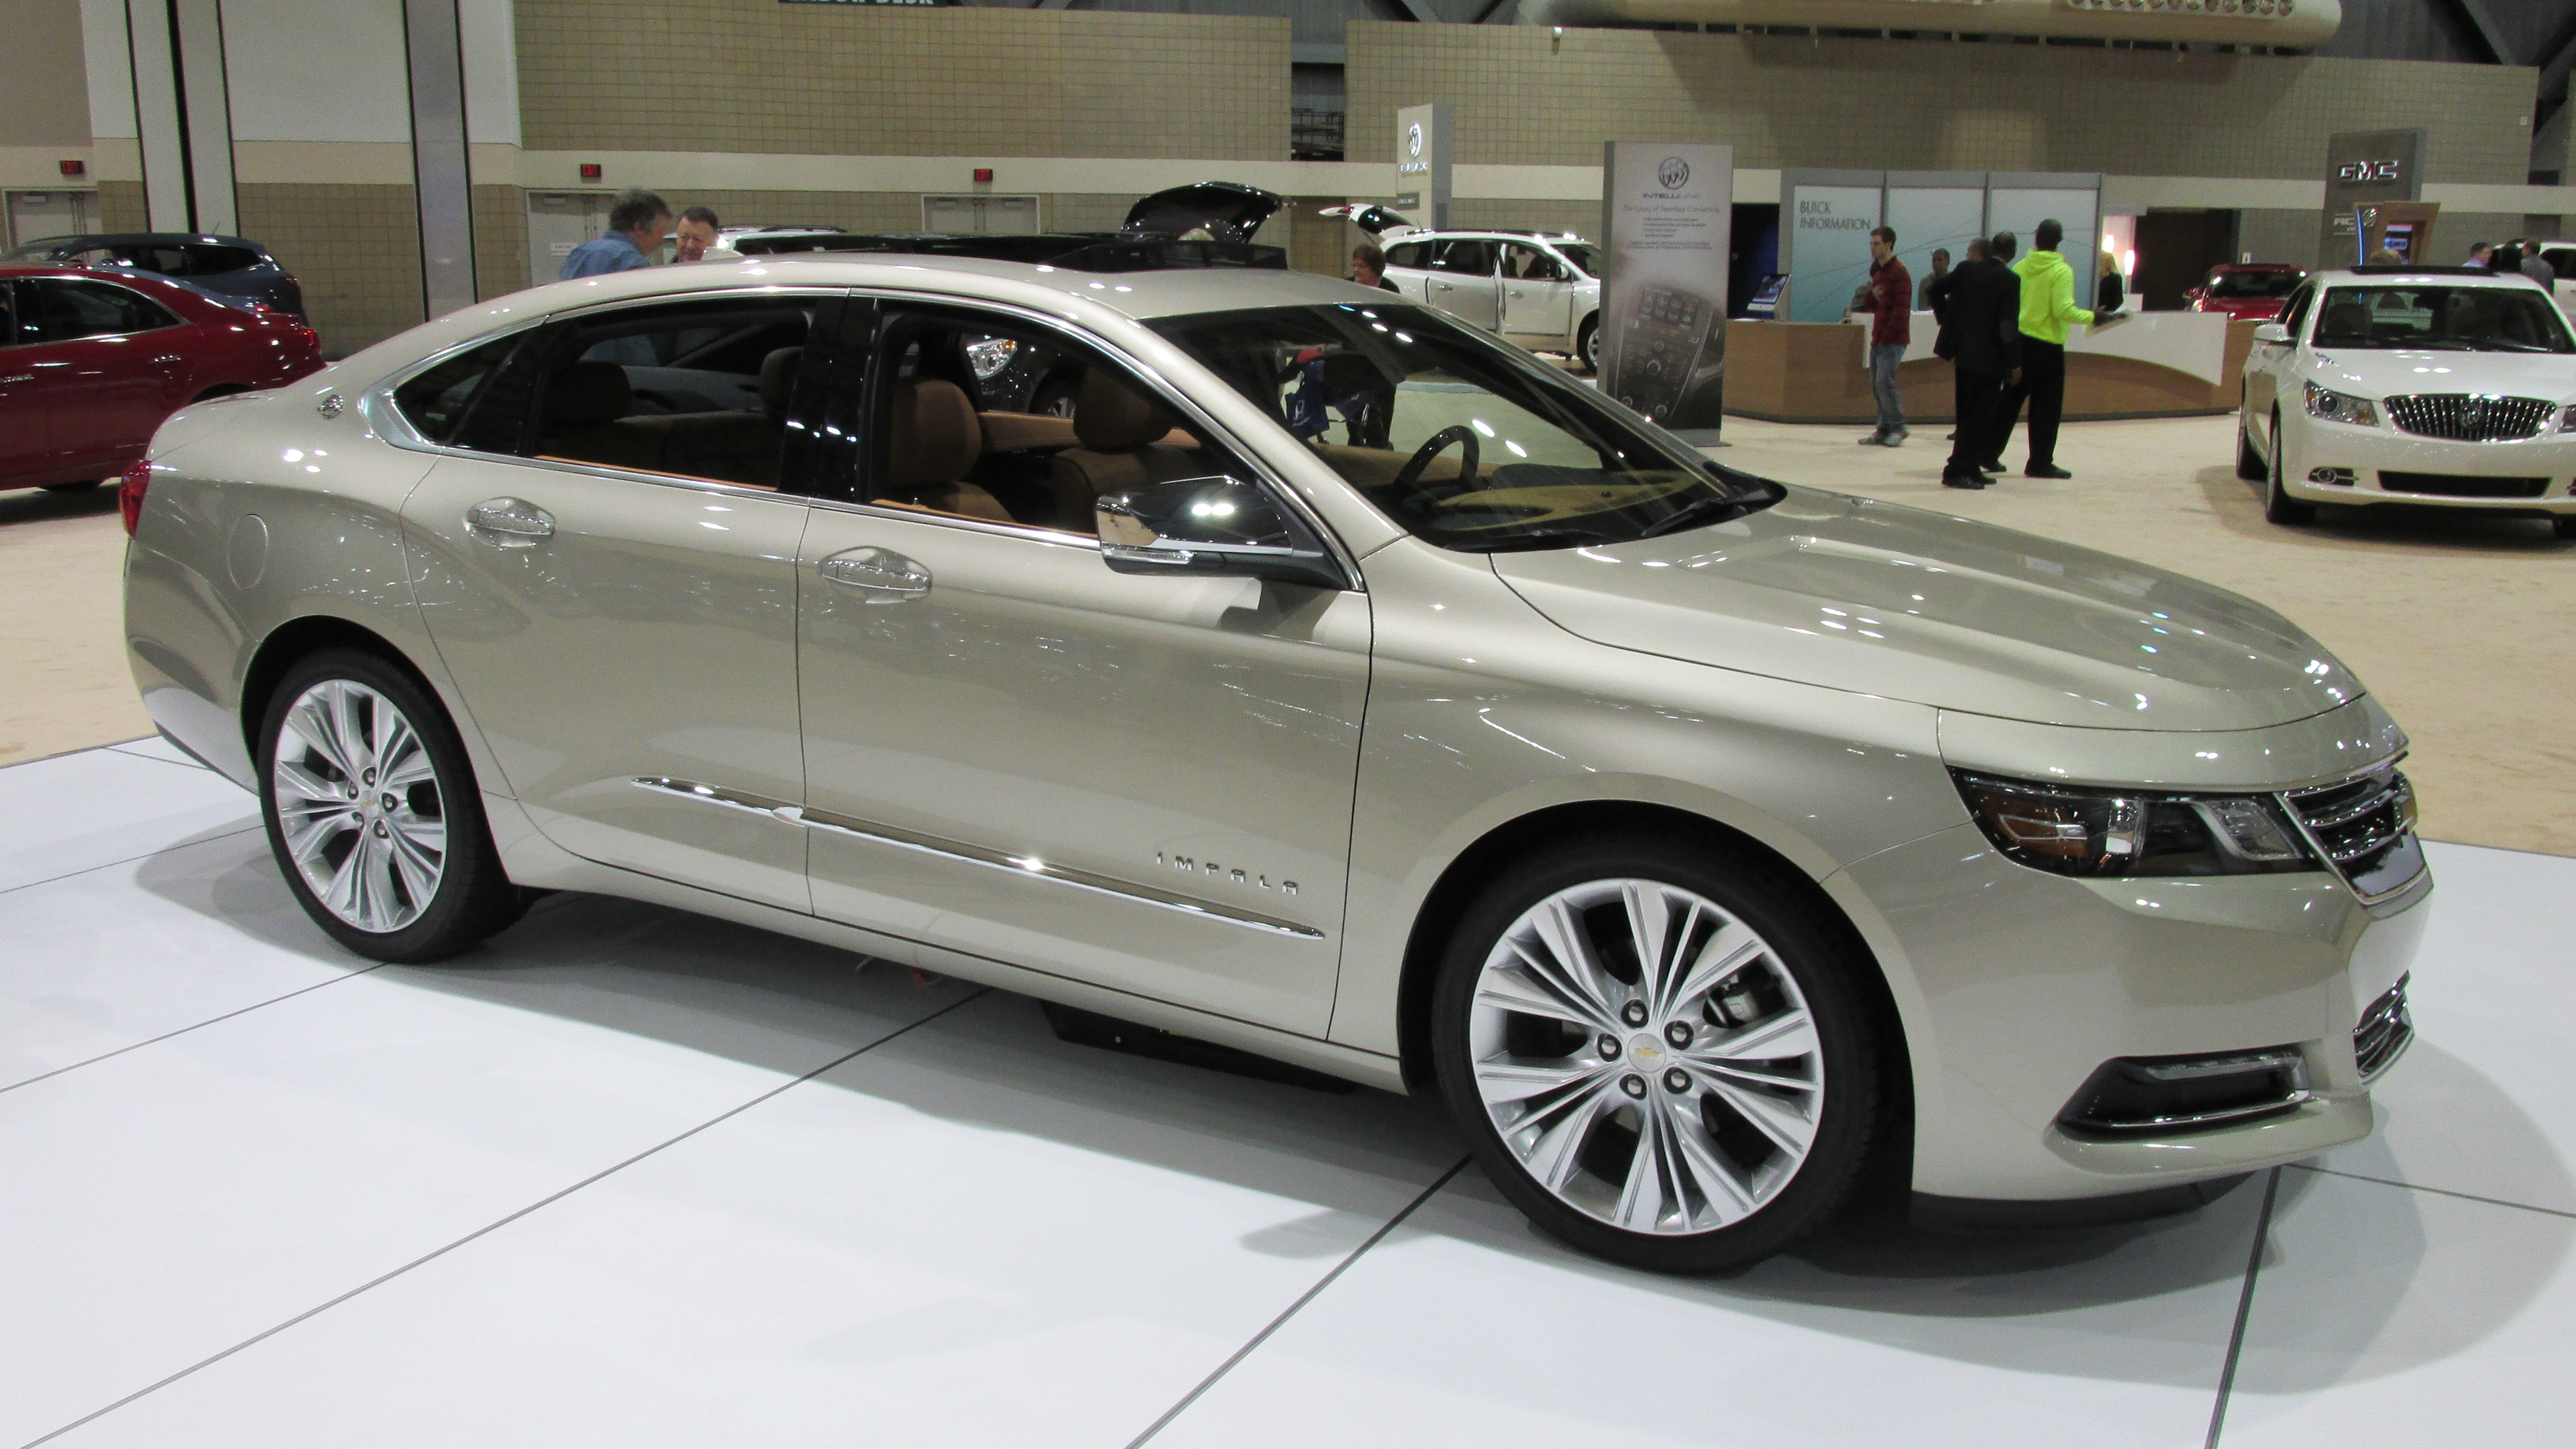 Comprar coches nuevos siempre será el deseo de muchas familias